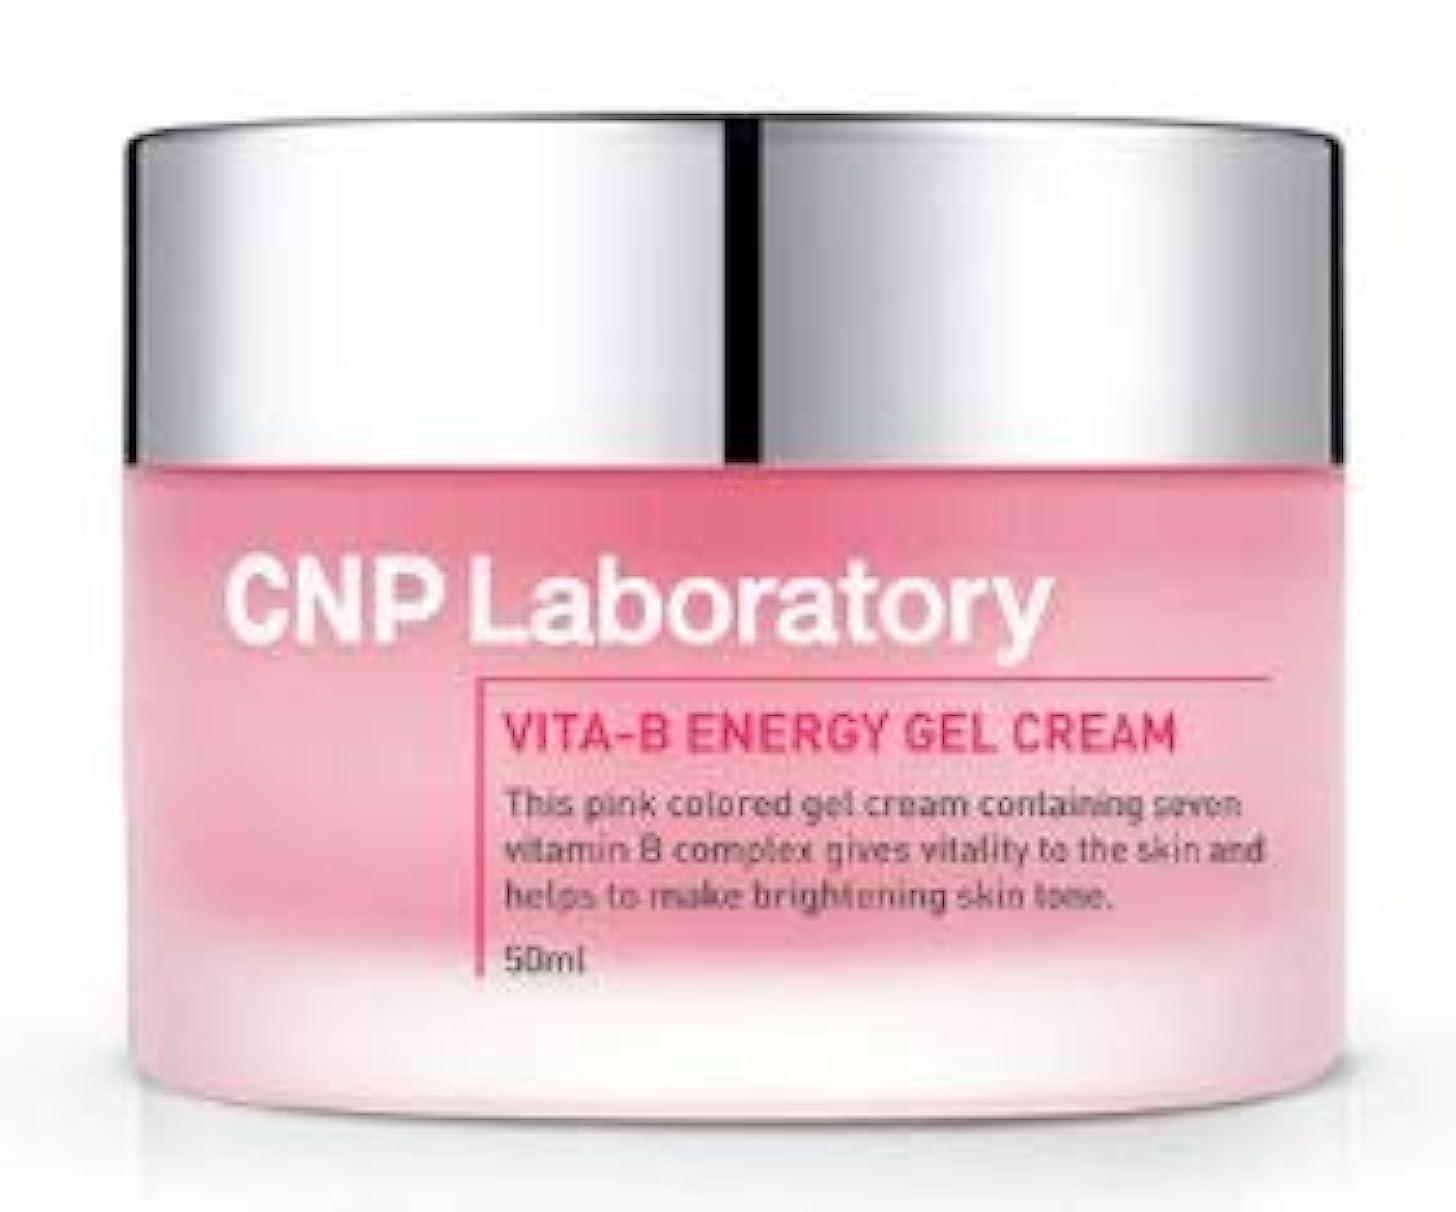 十分なレギュラーインディカ[CHA&PARK(CNP)] Vita-B Energy Gel Cream 50ml /[チャアンドパク(CNP)] ビタ-B エネルギー ジェル クリーム 50ml [並行輸入品]